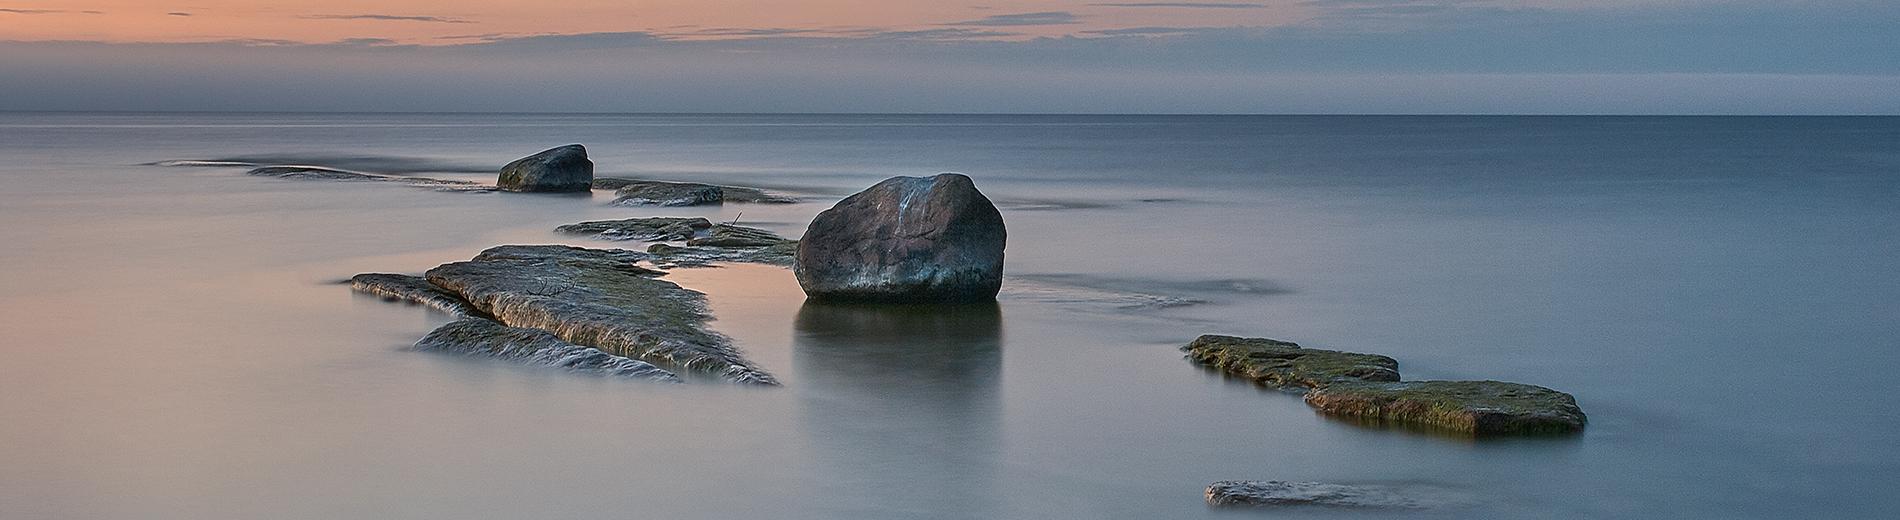 Õhtu mere ääres